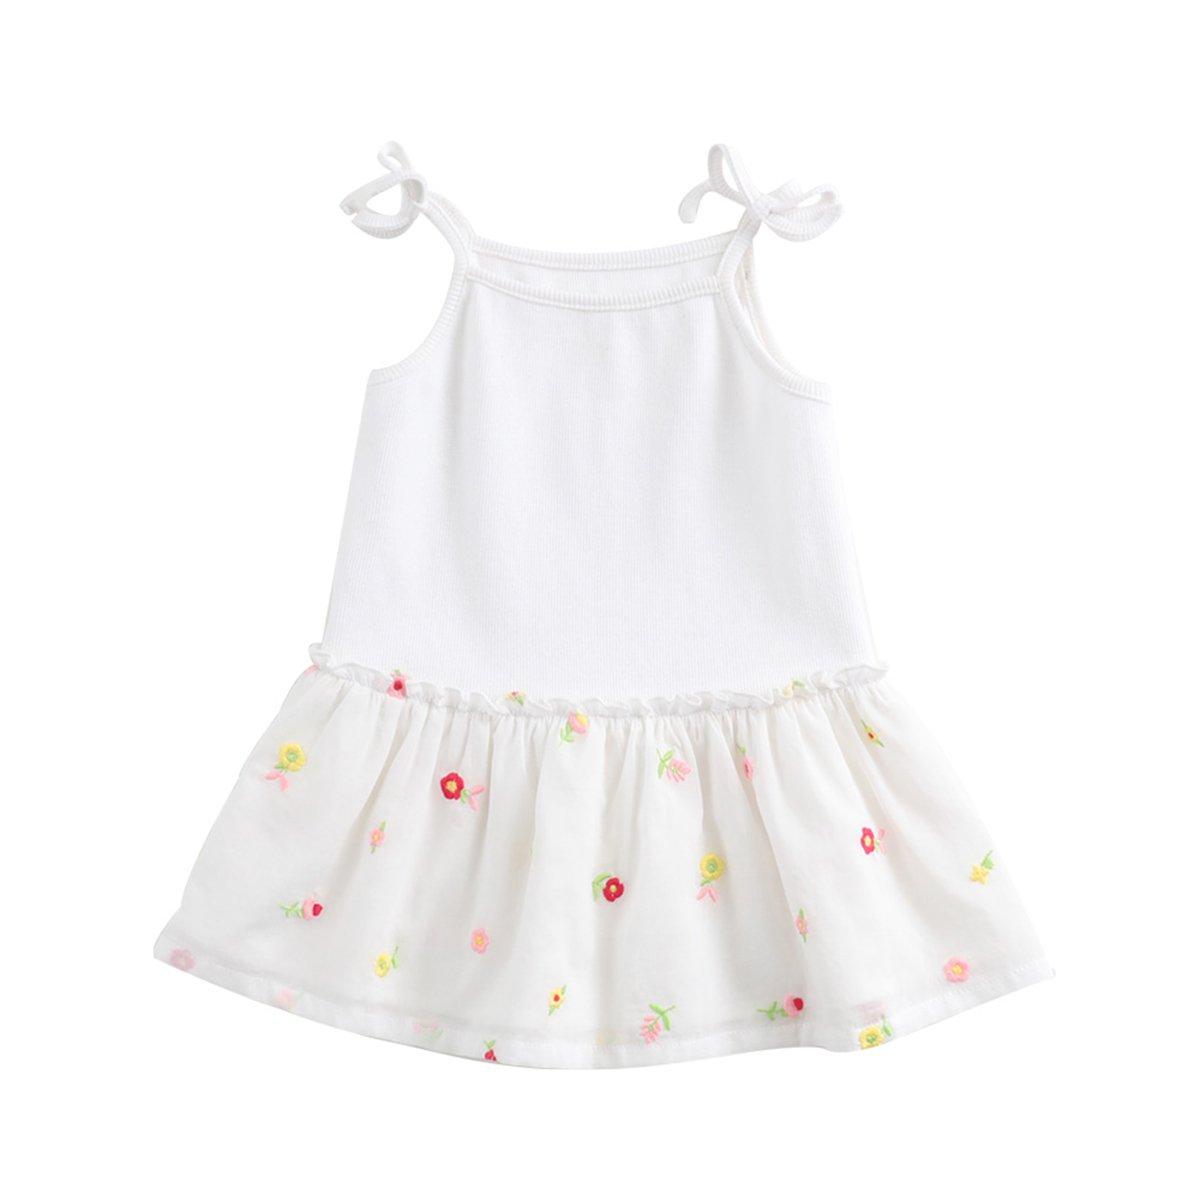 超美品の marc janie DRESS ホワイト ベビーガールズ DRESS 5T (110 cm) marc ホワイト B07FNV8V4J, 手ぬぐい 染の安坊:7aa3a78b --- leadjob.us